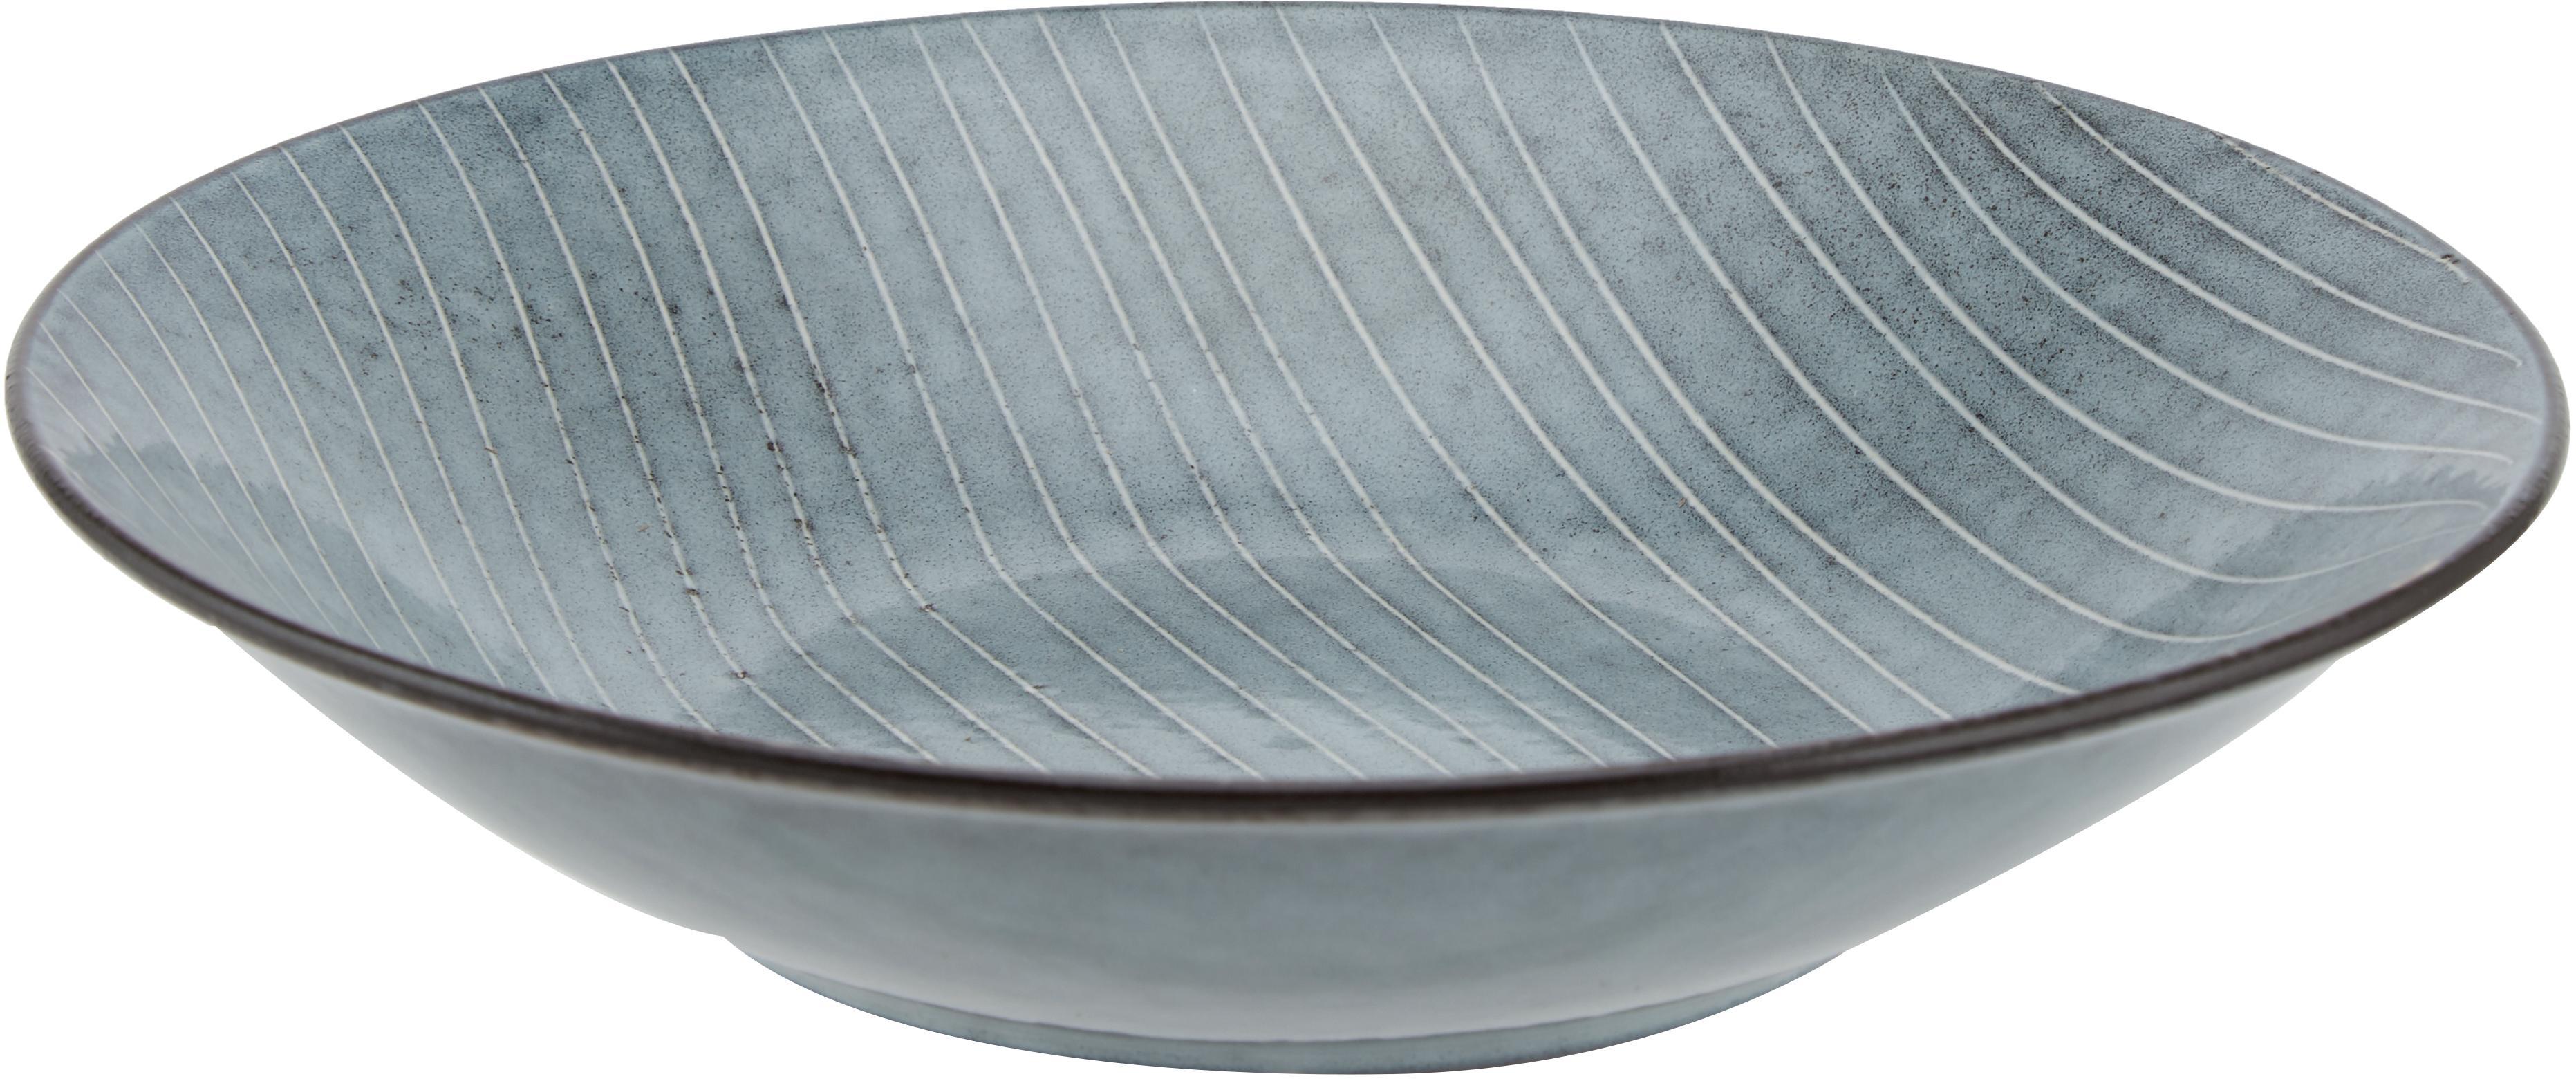 Handgemachte Suppenteller Nordic Sea aus Steingut, 4 Stück, Steingut, Grau- und Blautöne, Ø 22 x H 5 cm